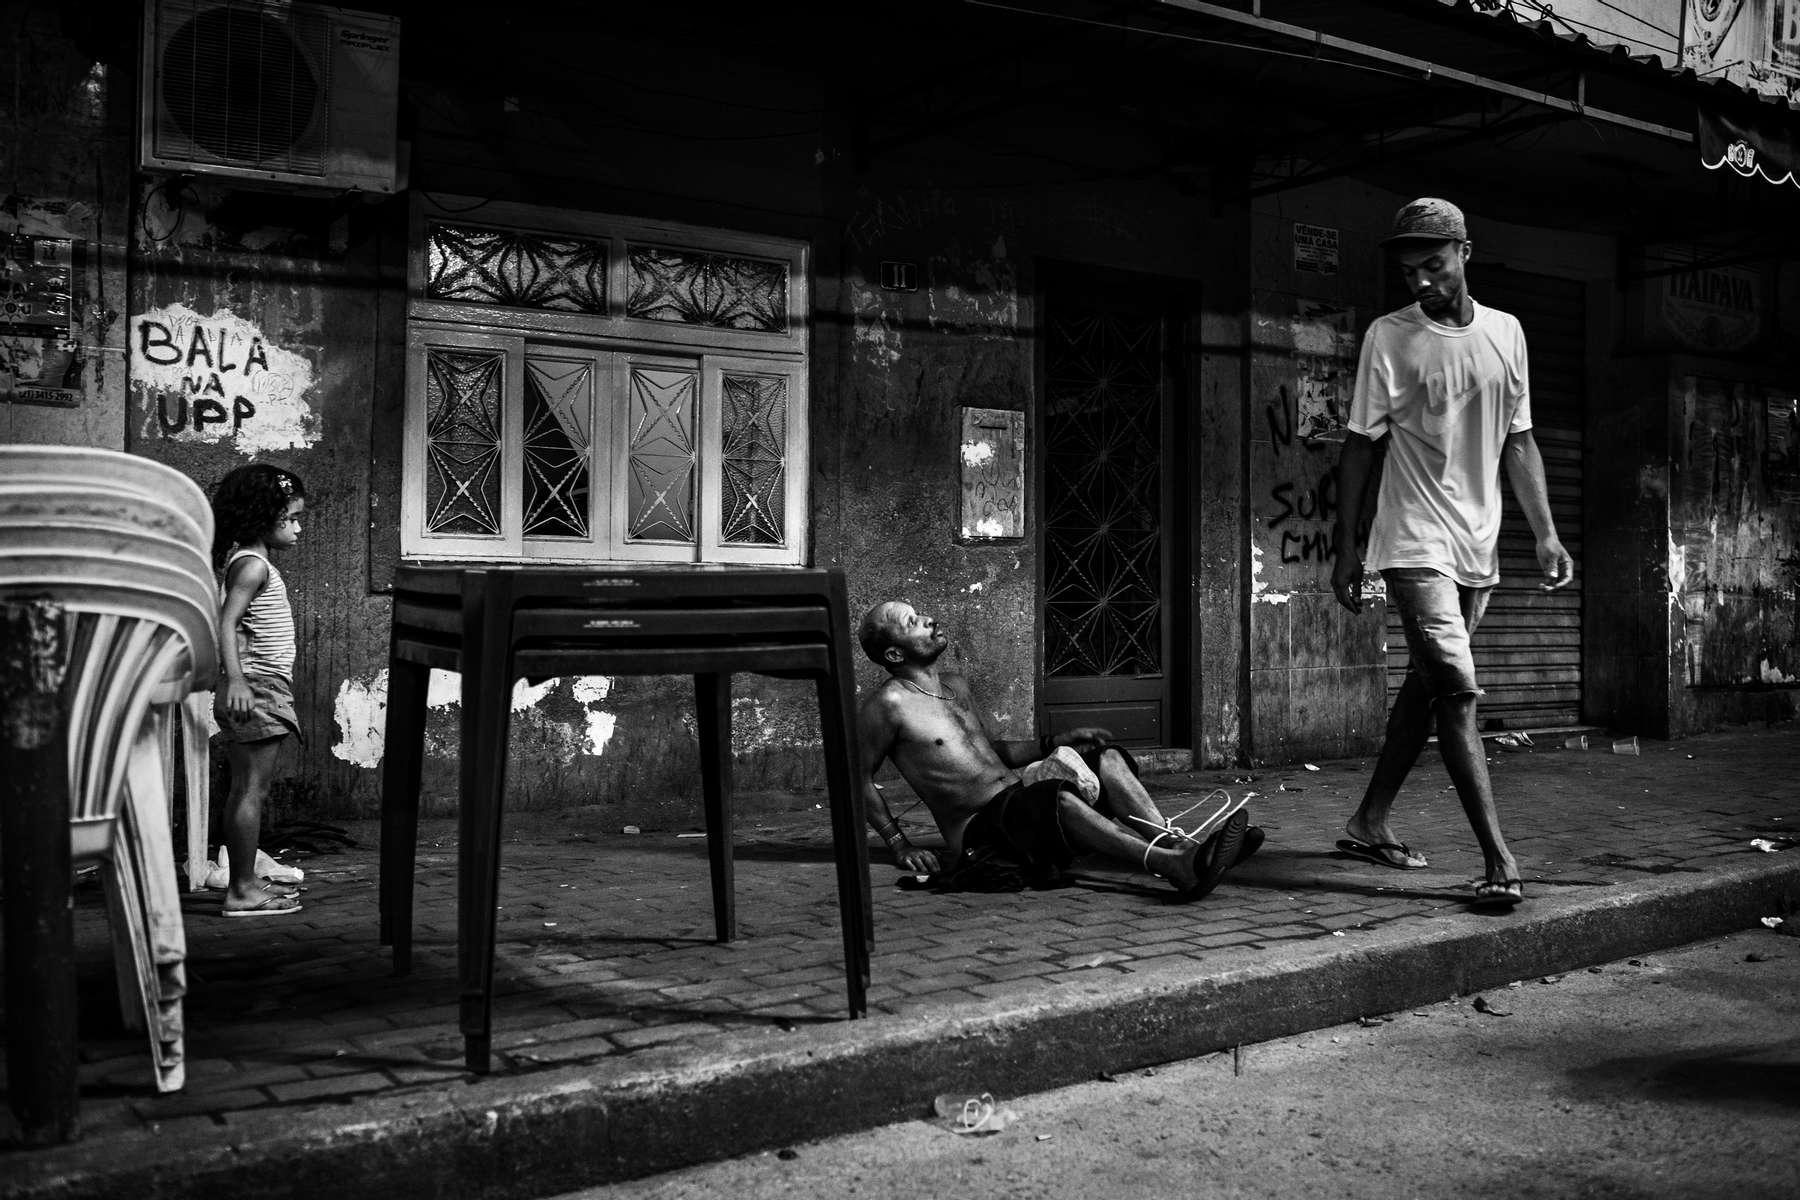 Un adolescente se aleja después de atar a un hombre borracho ante una niña en el barrio marginal de Rocinha durante un partido de fútbol antes de la Copa Mundial 2014, el 11 de mayo de 2014, en Río de Janeiro, Brasil.Durante la transmisión del juego en una plaza pública, dos hombres decidieron amarrar a un tercero después de que molestara repetidamente al resto de los fanáticos que estaban viendo el partido.